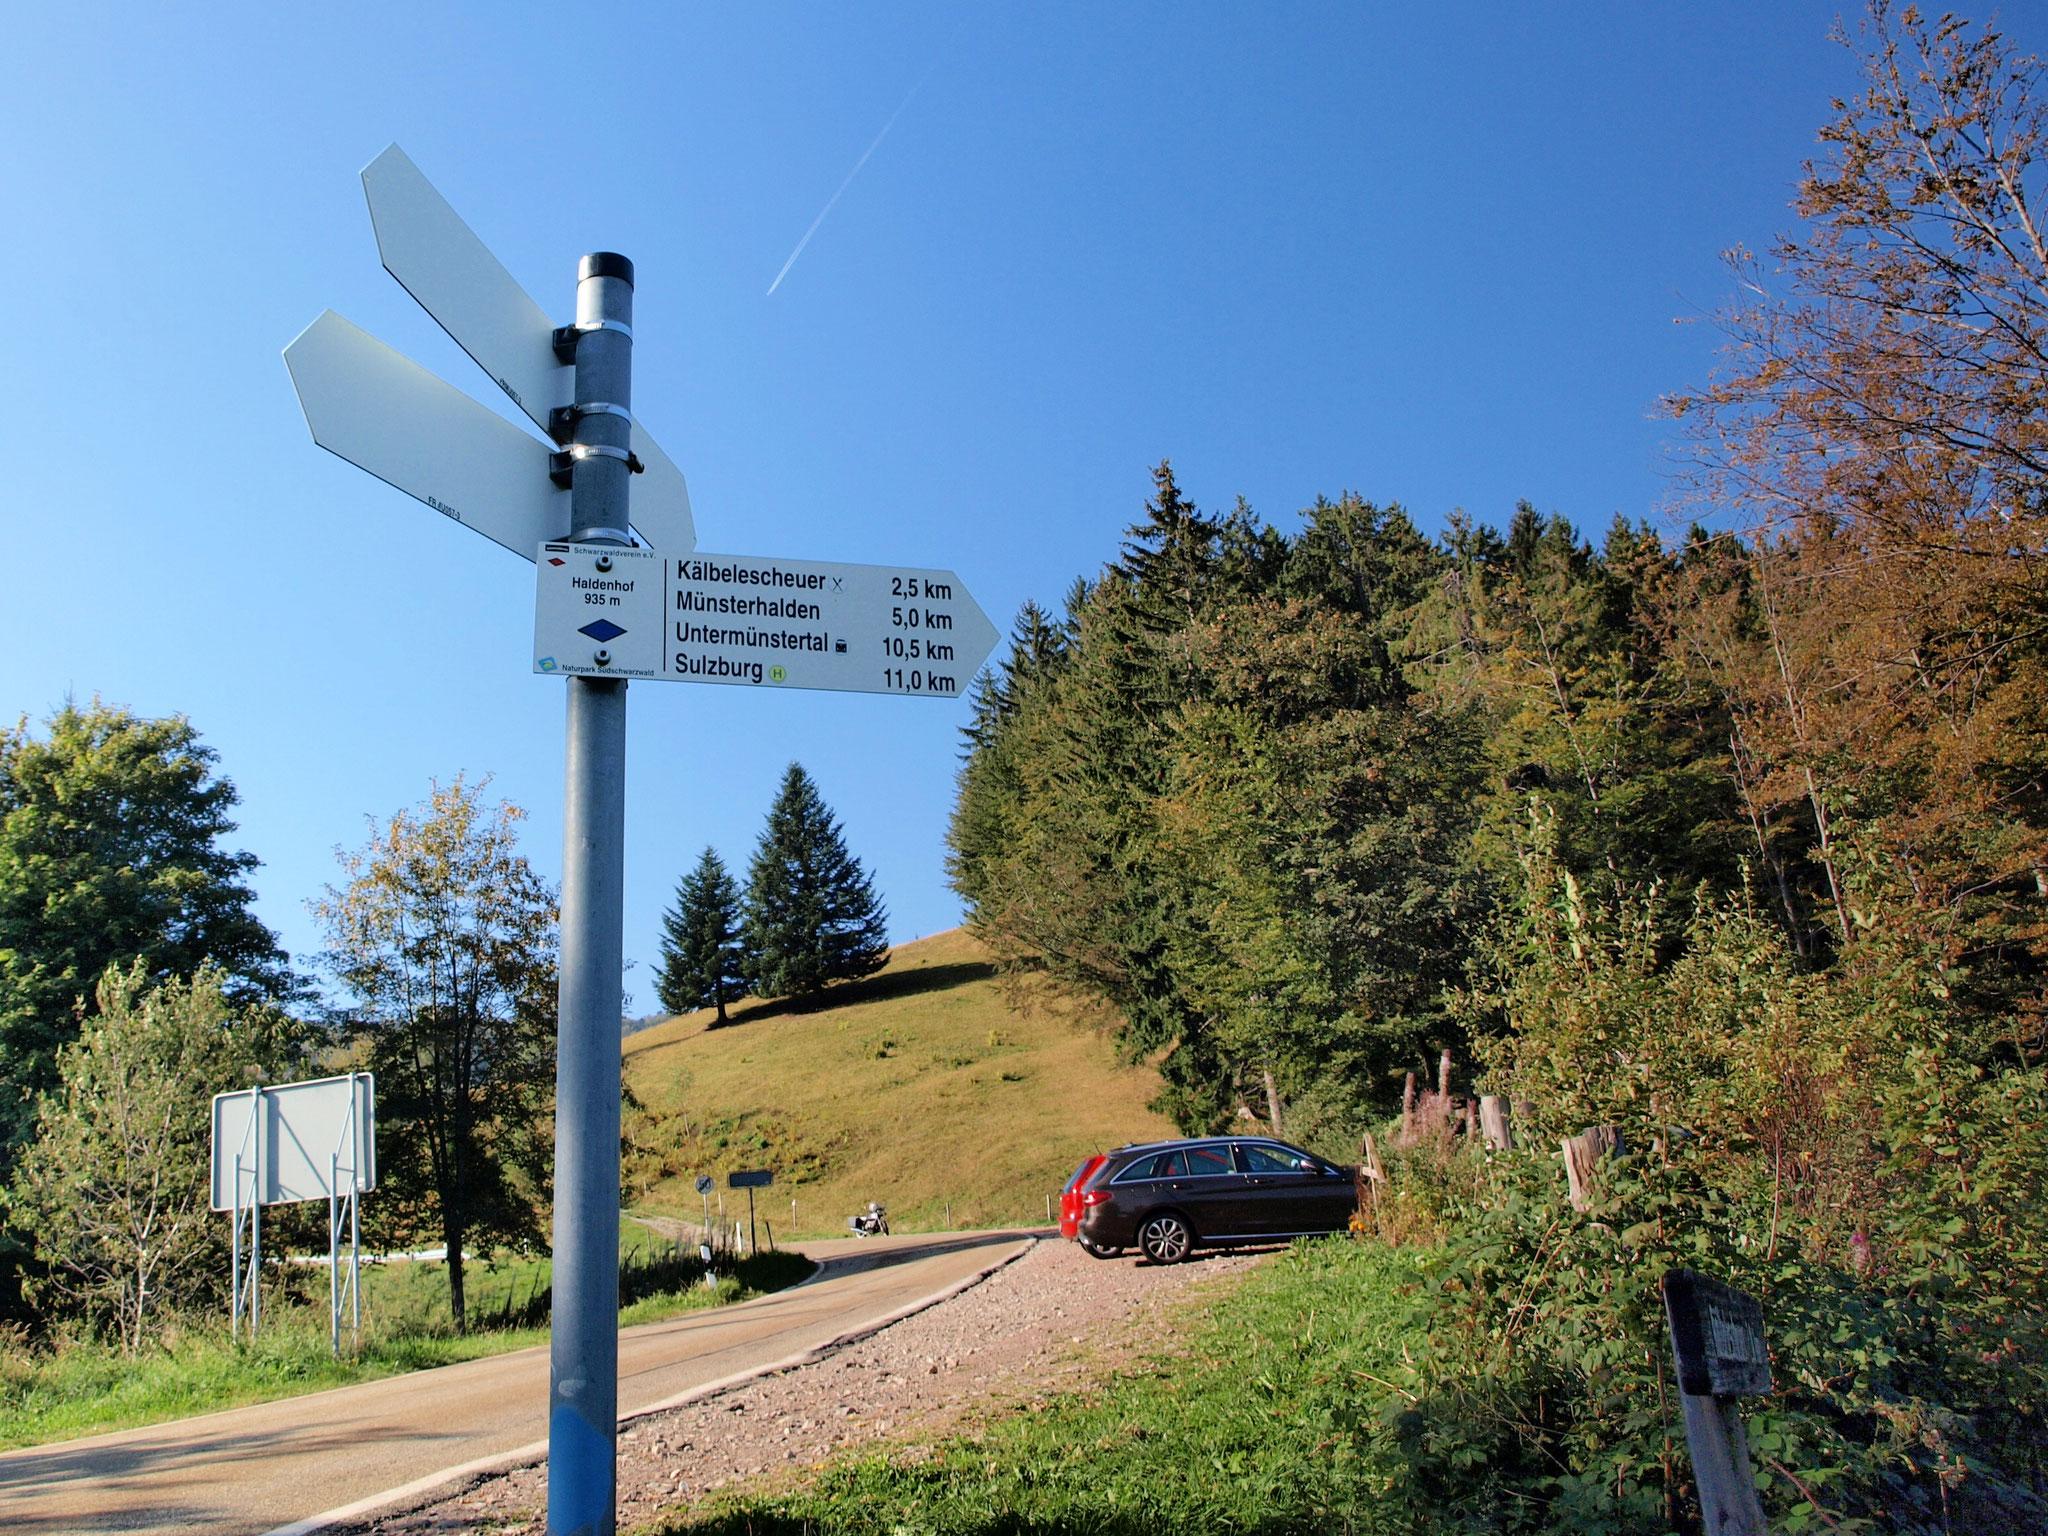 Haldenhof parking